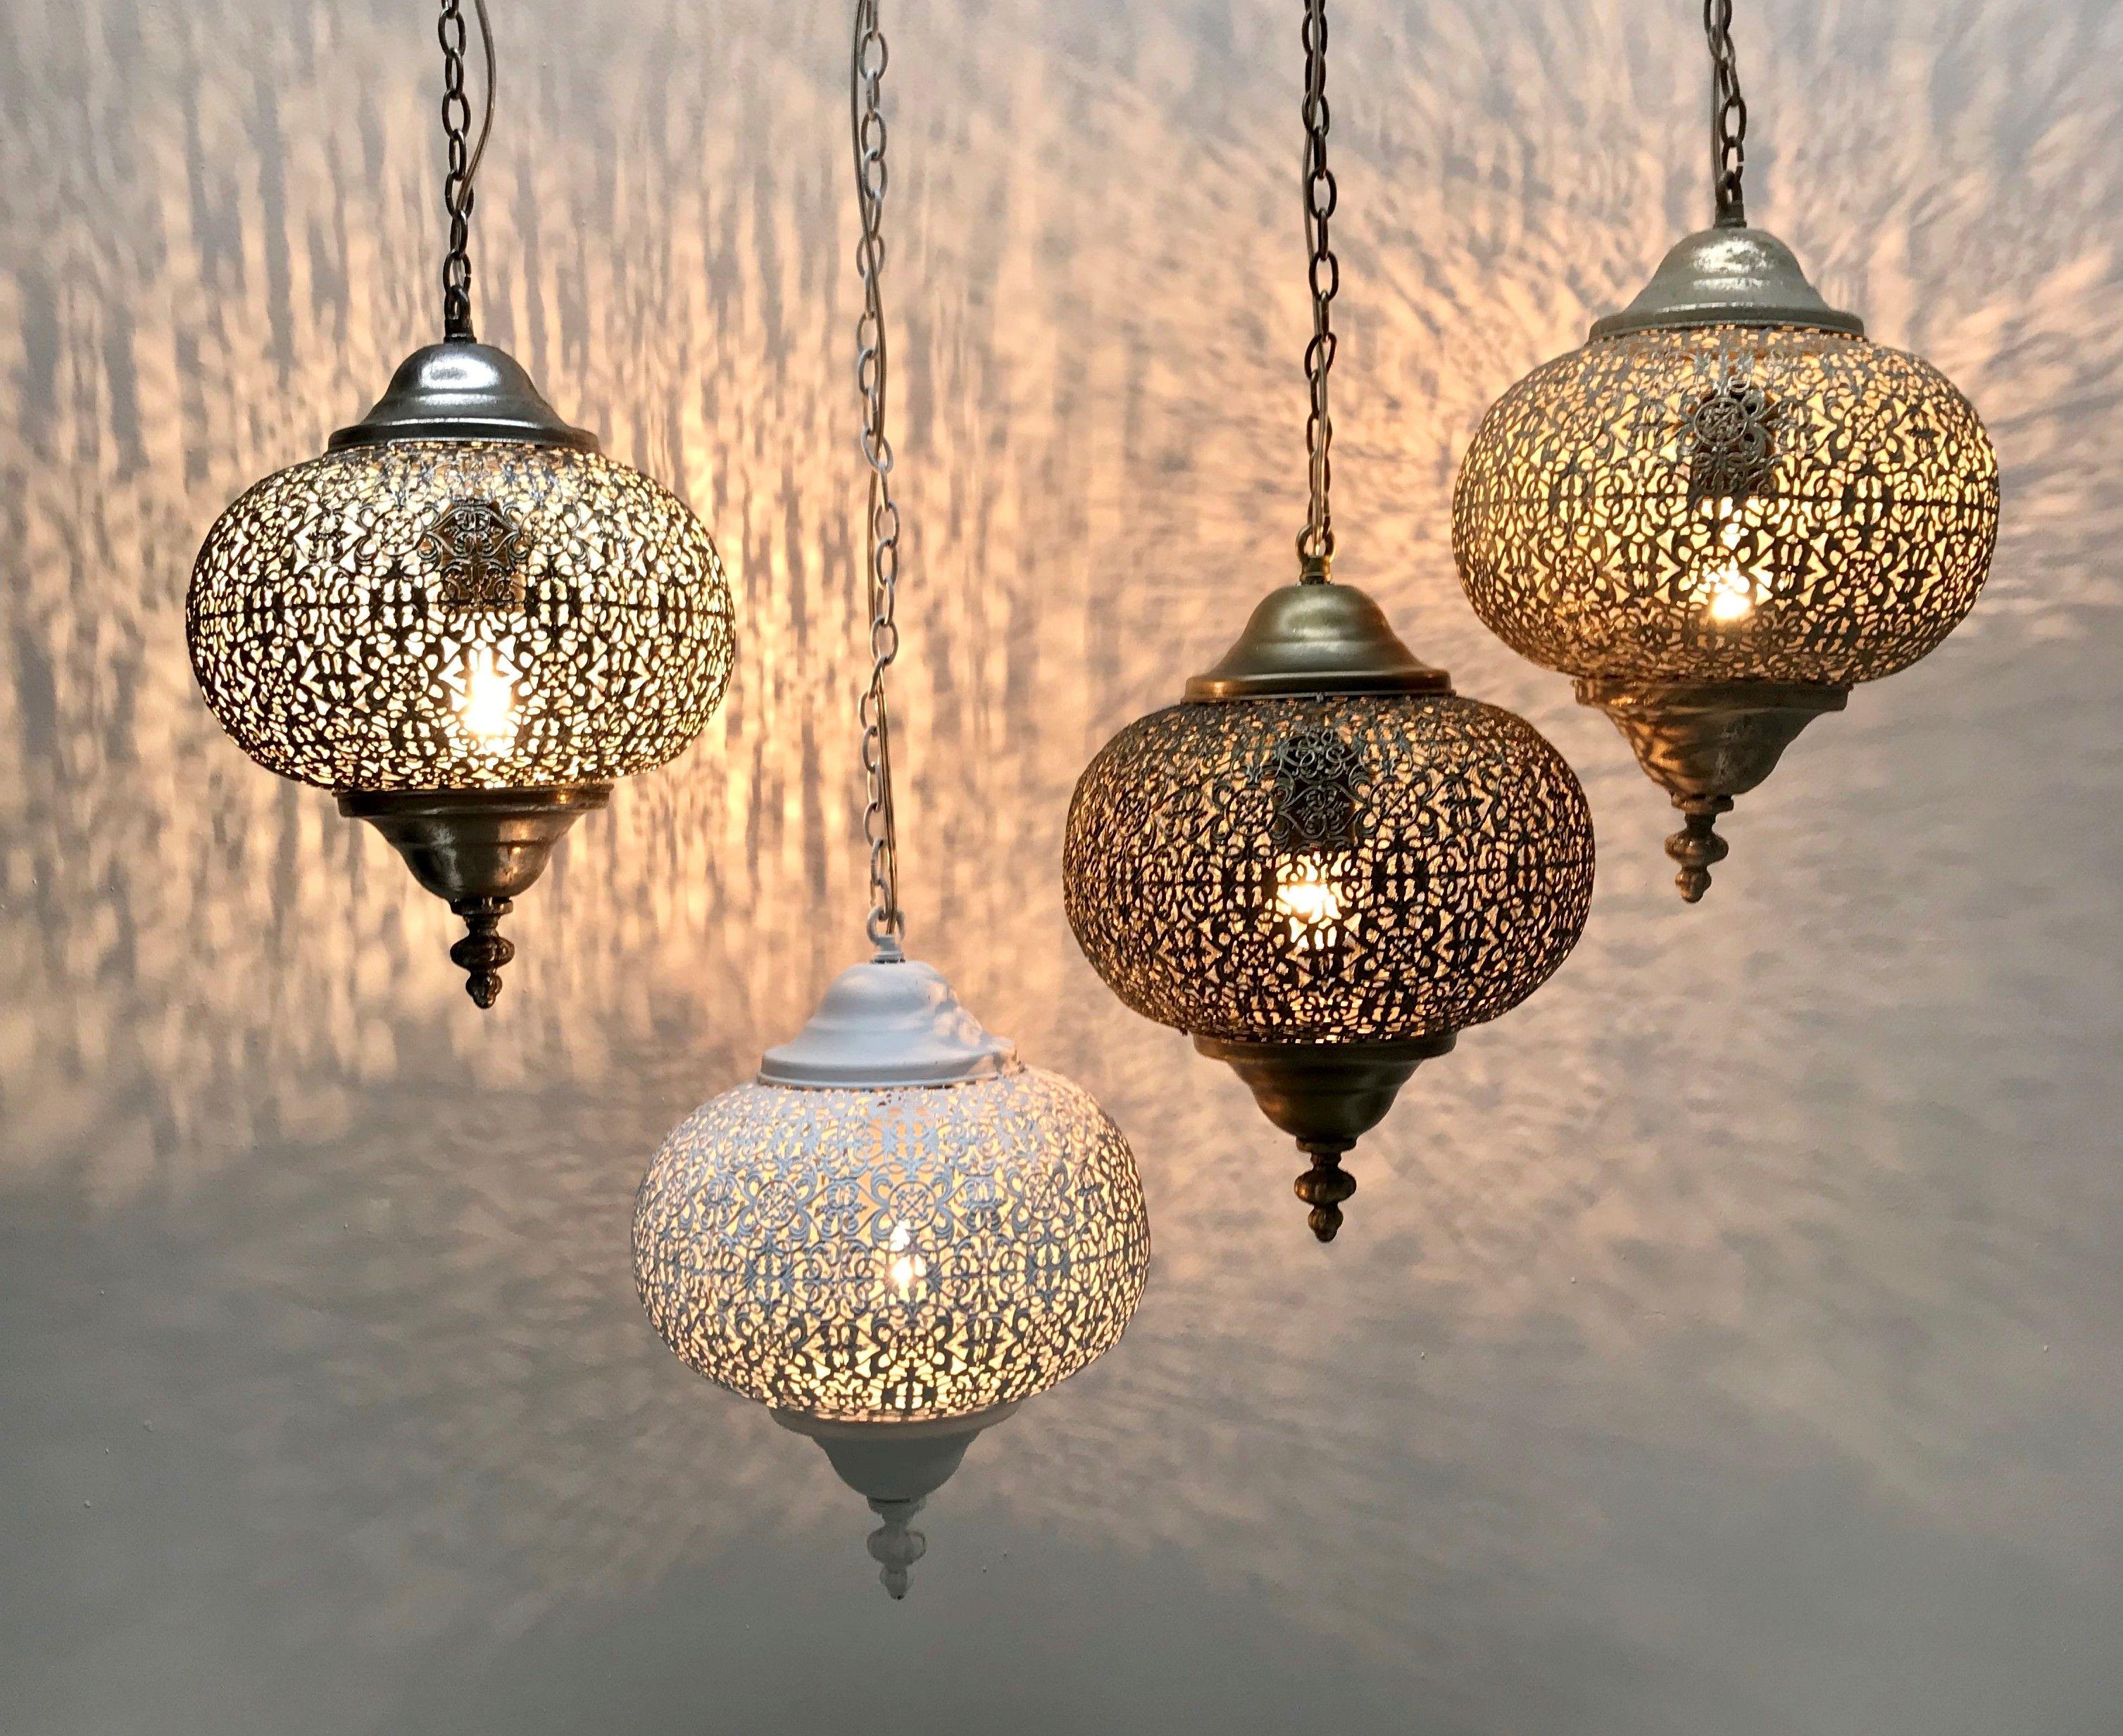 Kleine oosterse lantaarns welke zelf makkelijk elektrisch for Kleine vijverfilter zelf maken